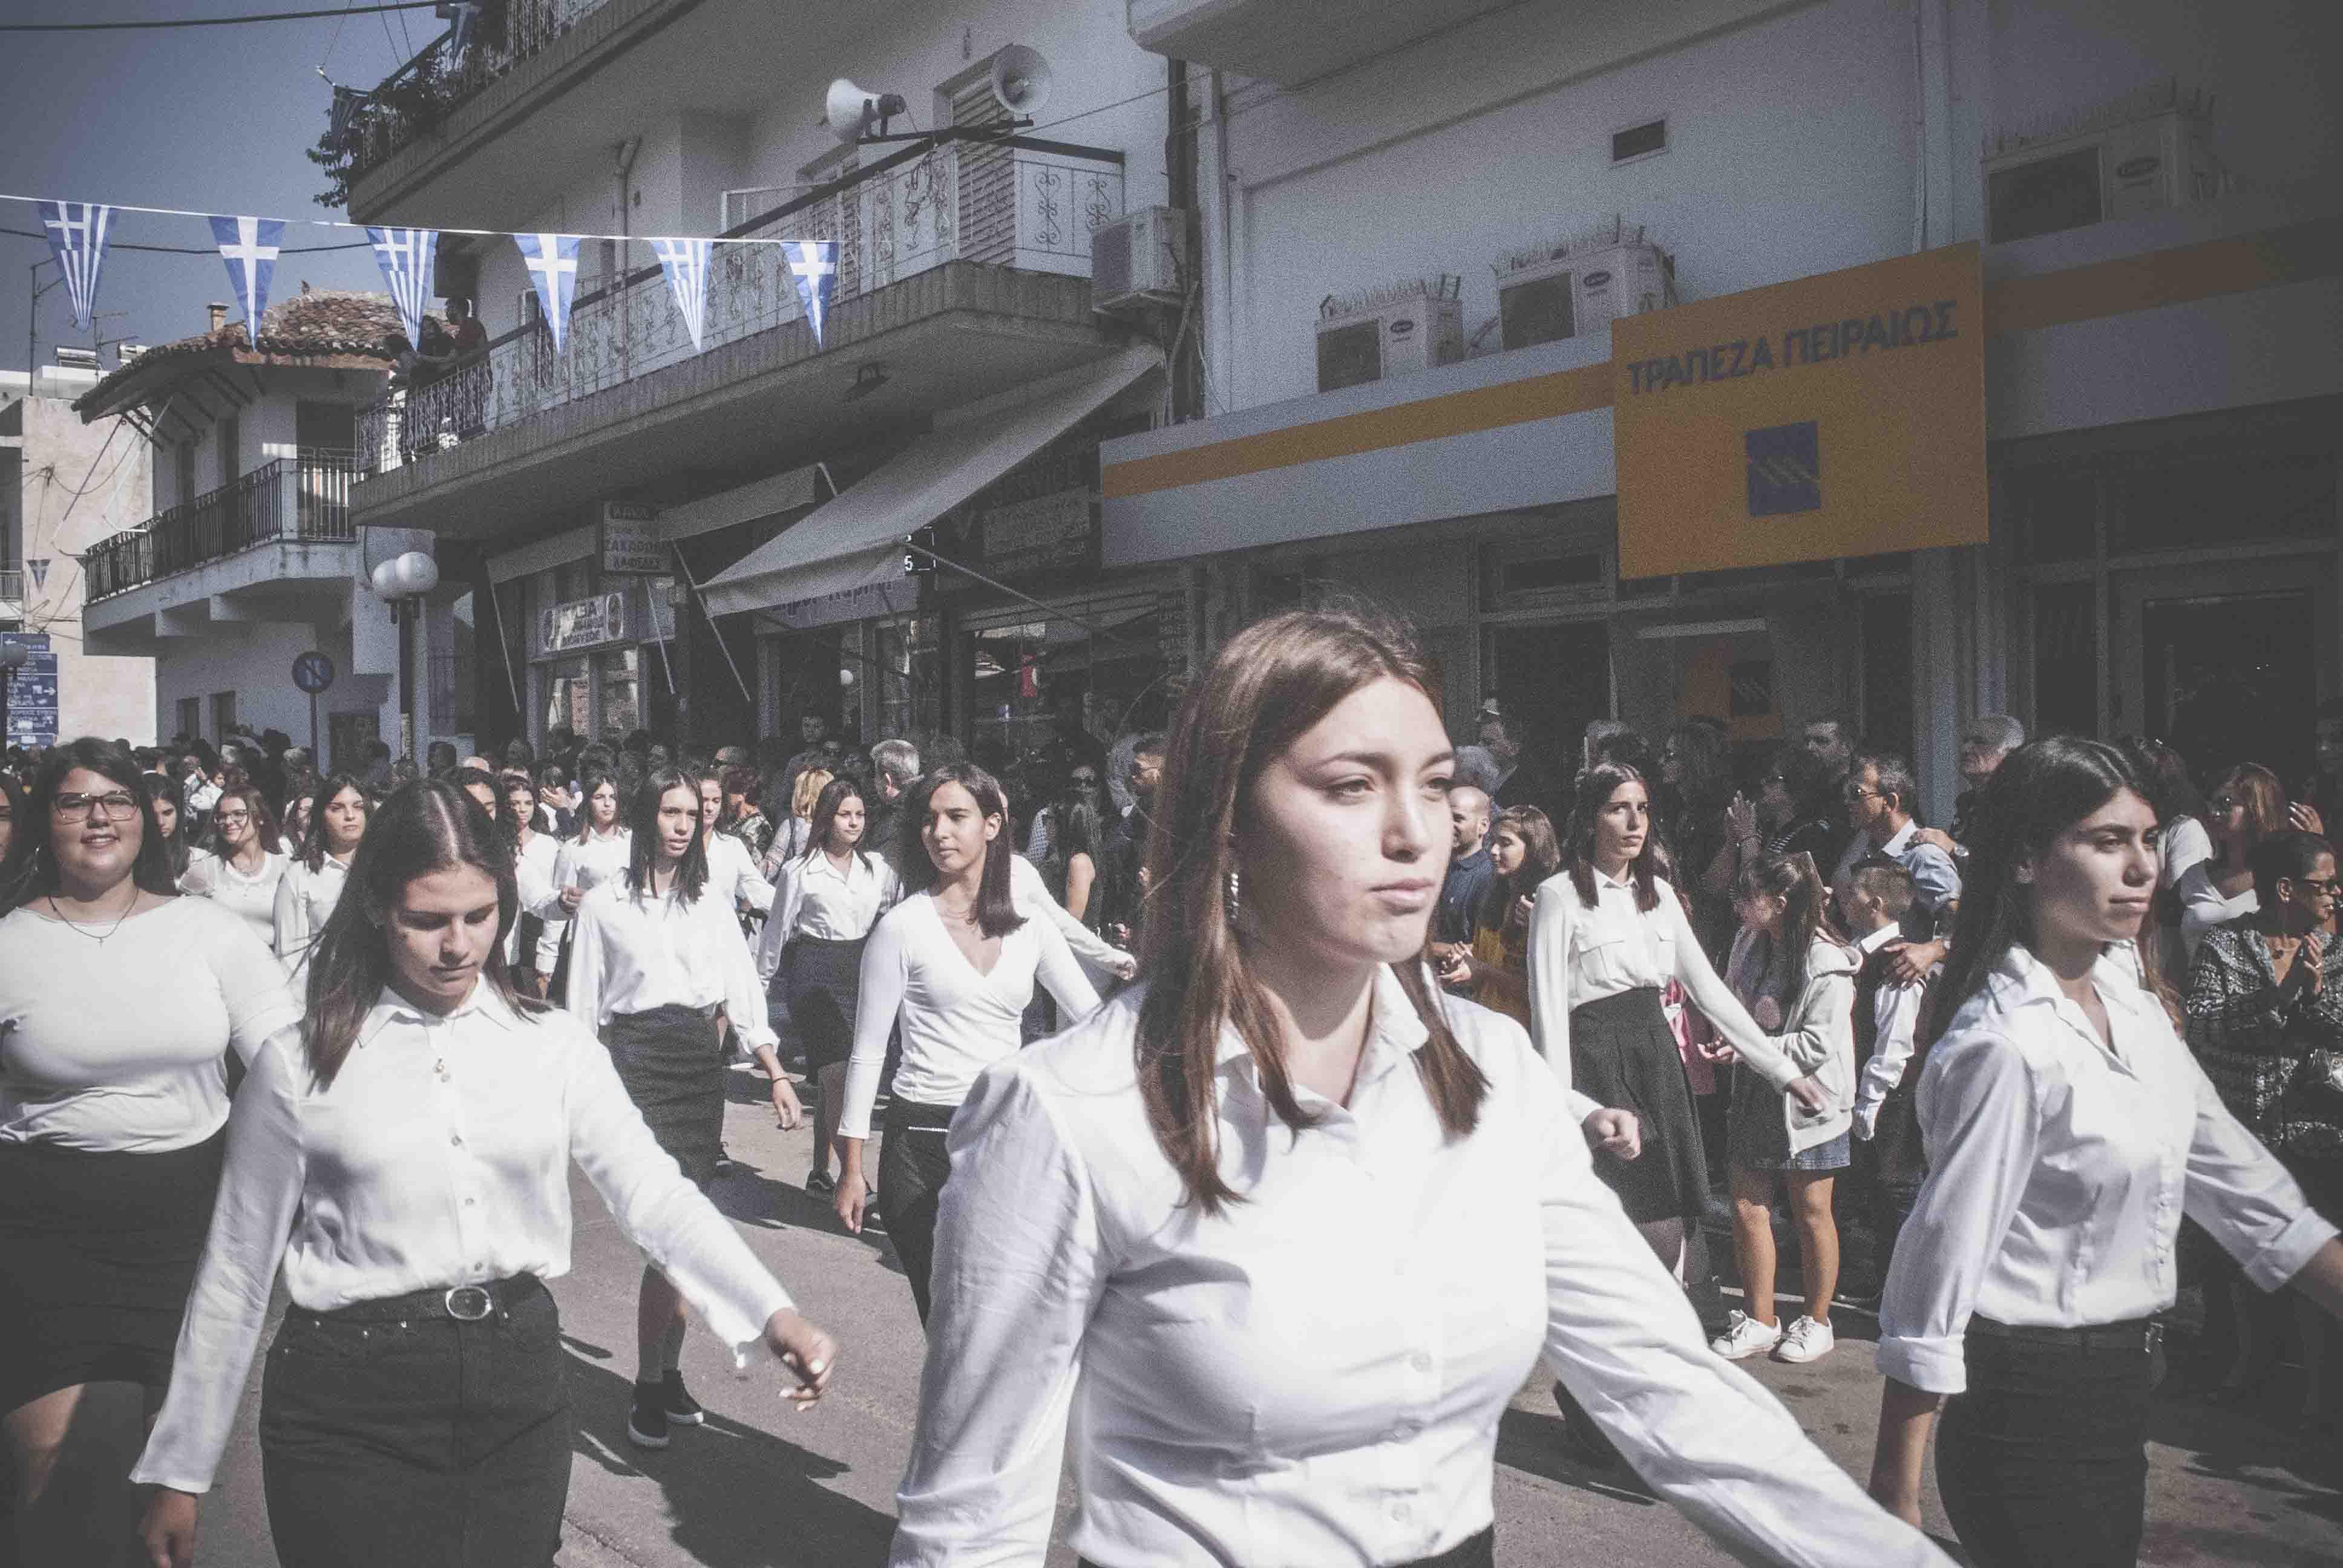 Φωτογραφικό υλικό από την παρέλαση στα Ψαχνά DSC 0414  Η παρέλαση της 28ης Οκτωβρίου σε Καστέλλα και Ψαχνά (φωτό) DSC 0414